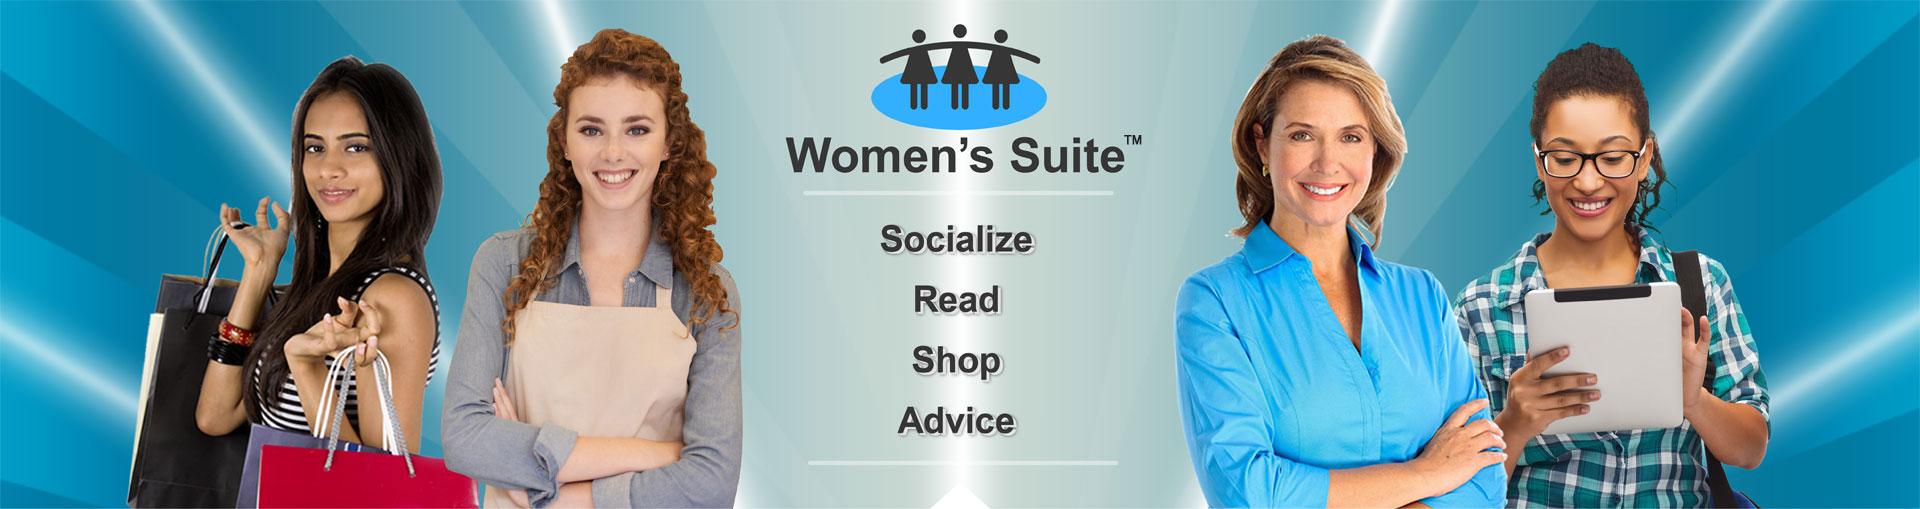 Women's Suite